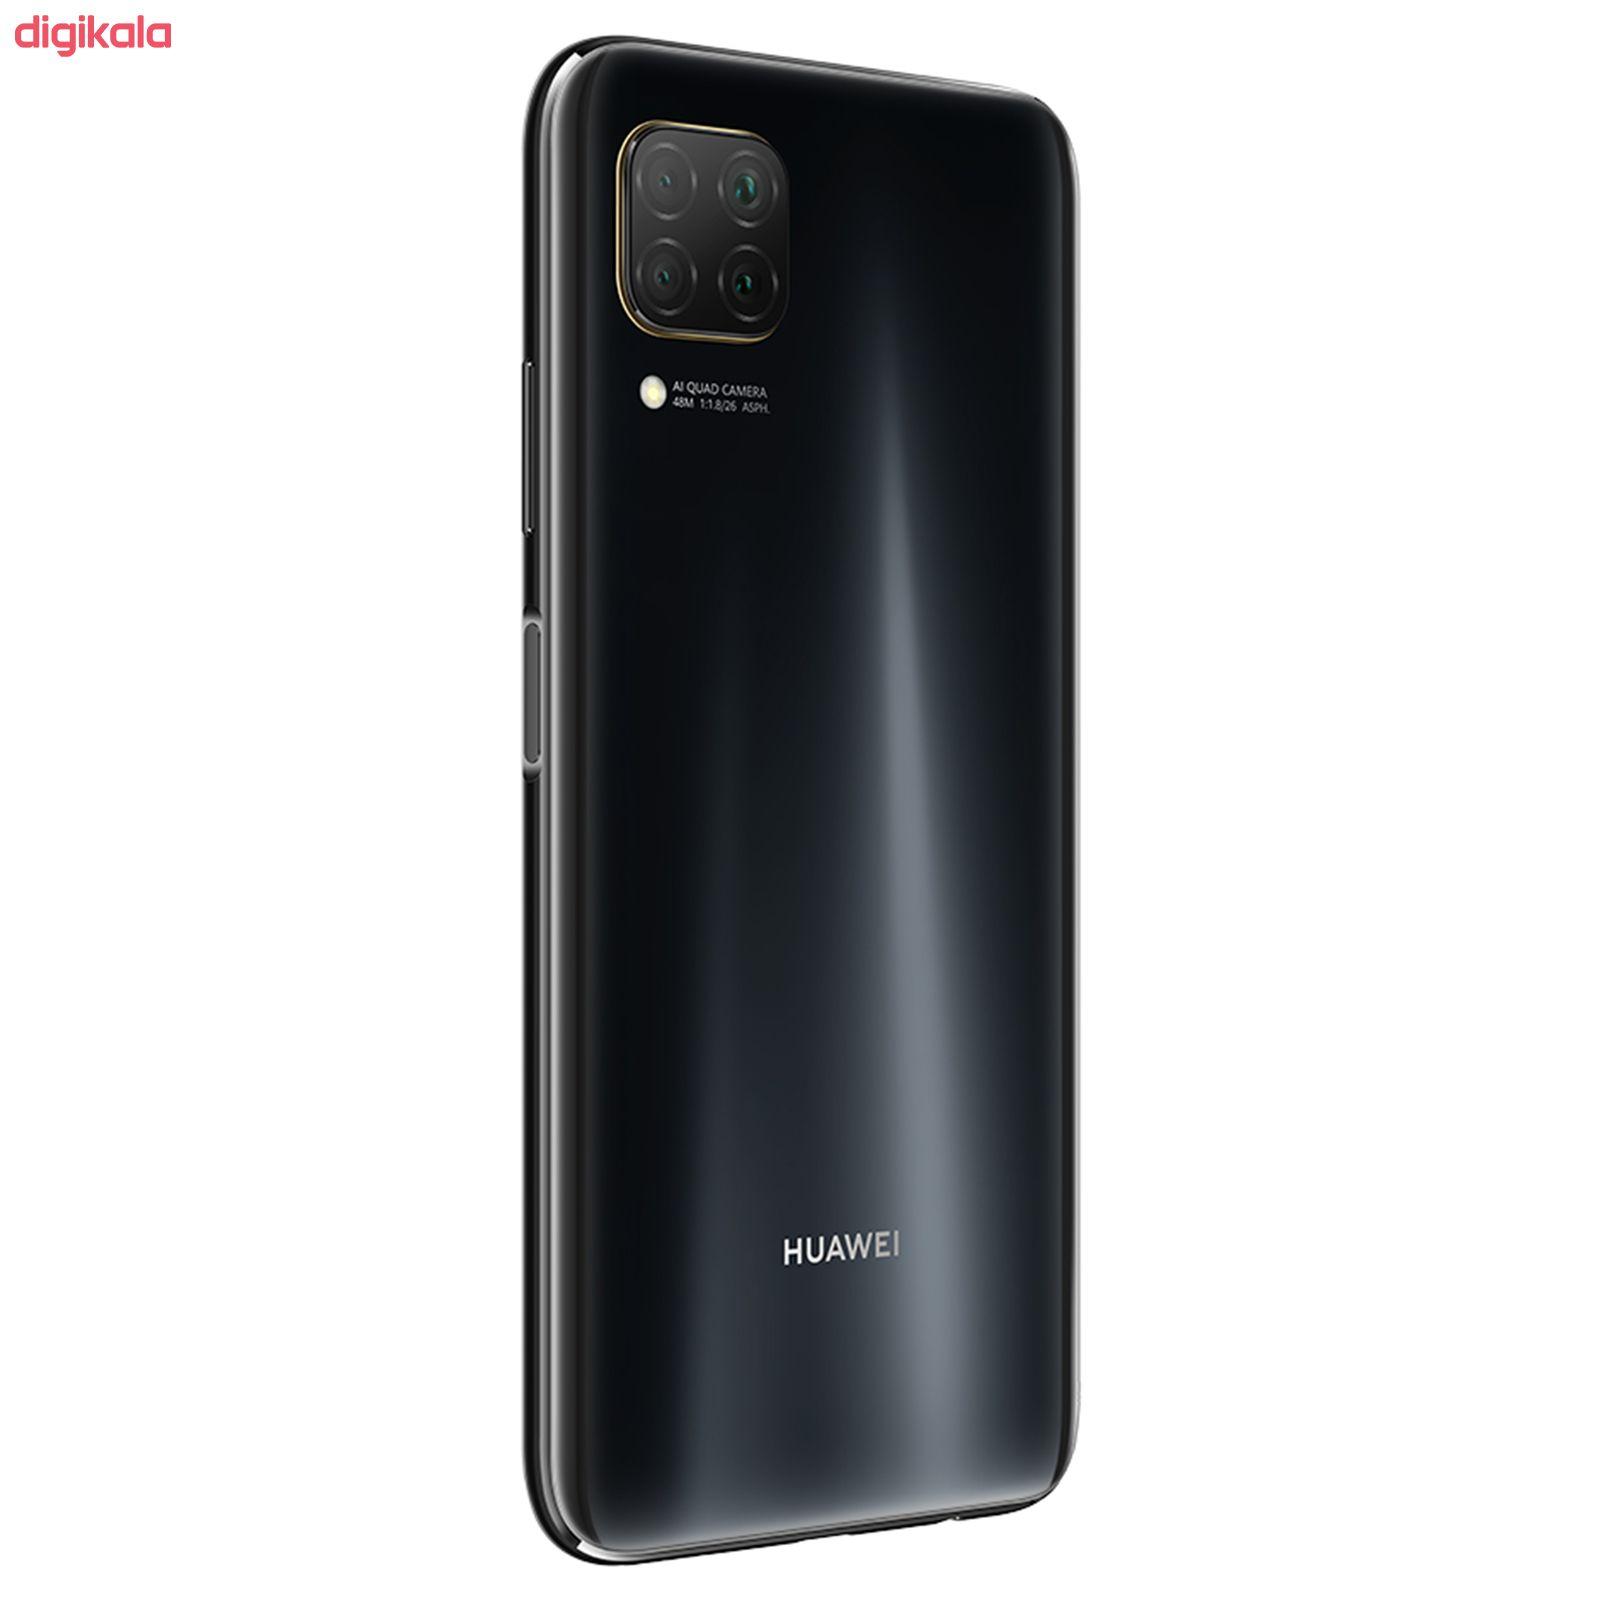 گوشی موبایل هوآوی مدل Nova 7i JNY-LX1 دو سیم کارت ظرفیت 128 گیگابایت main 1 6